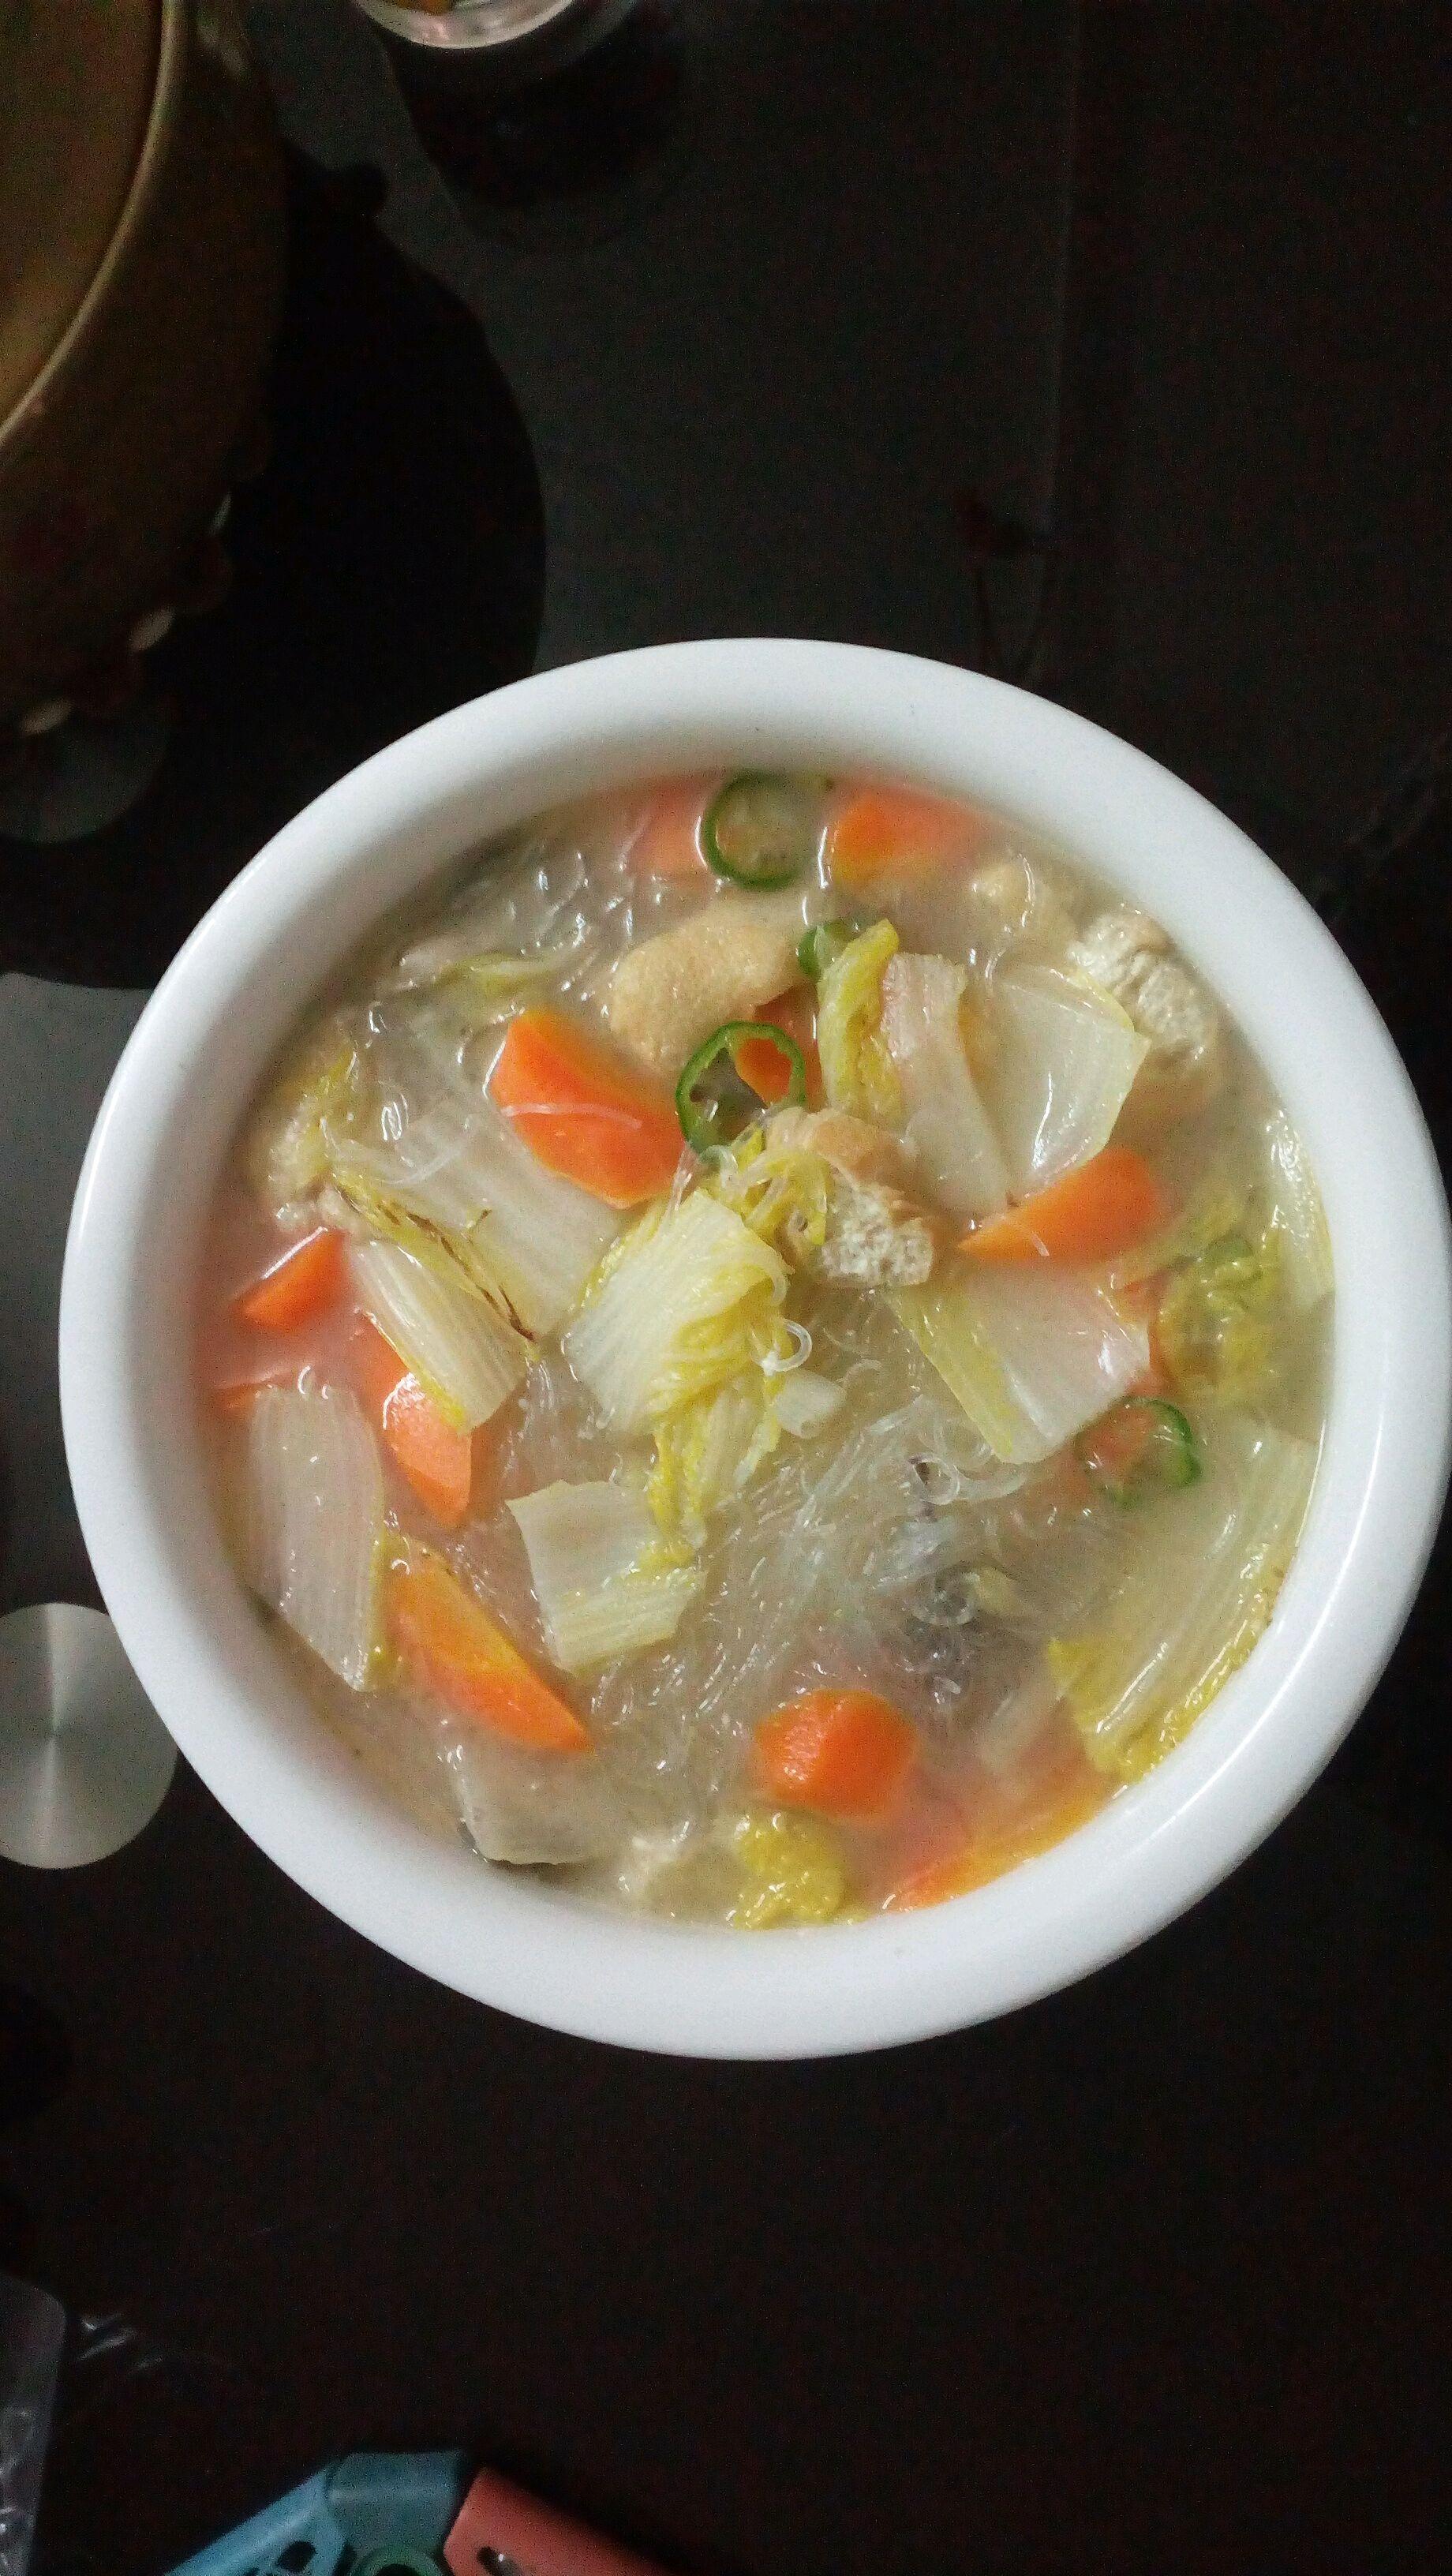 油豆腐少量蘑菇少量粉丝一小捆油,盐,胡椒粉大白菜河蟹汤菜的做法小粉丝都吃哪图片